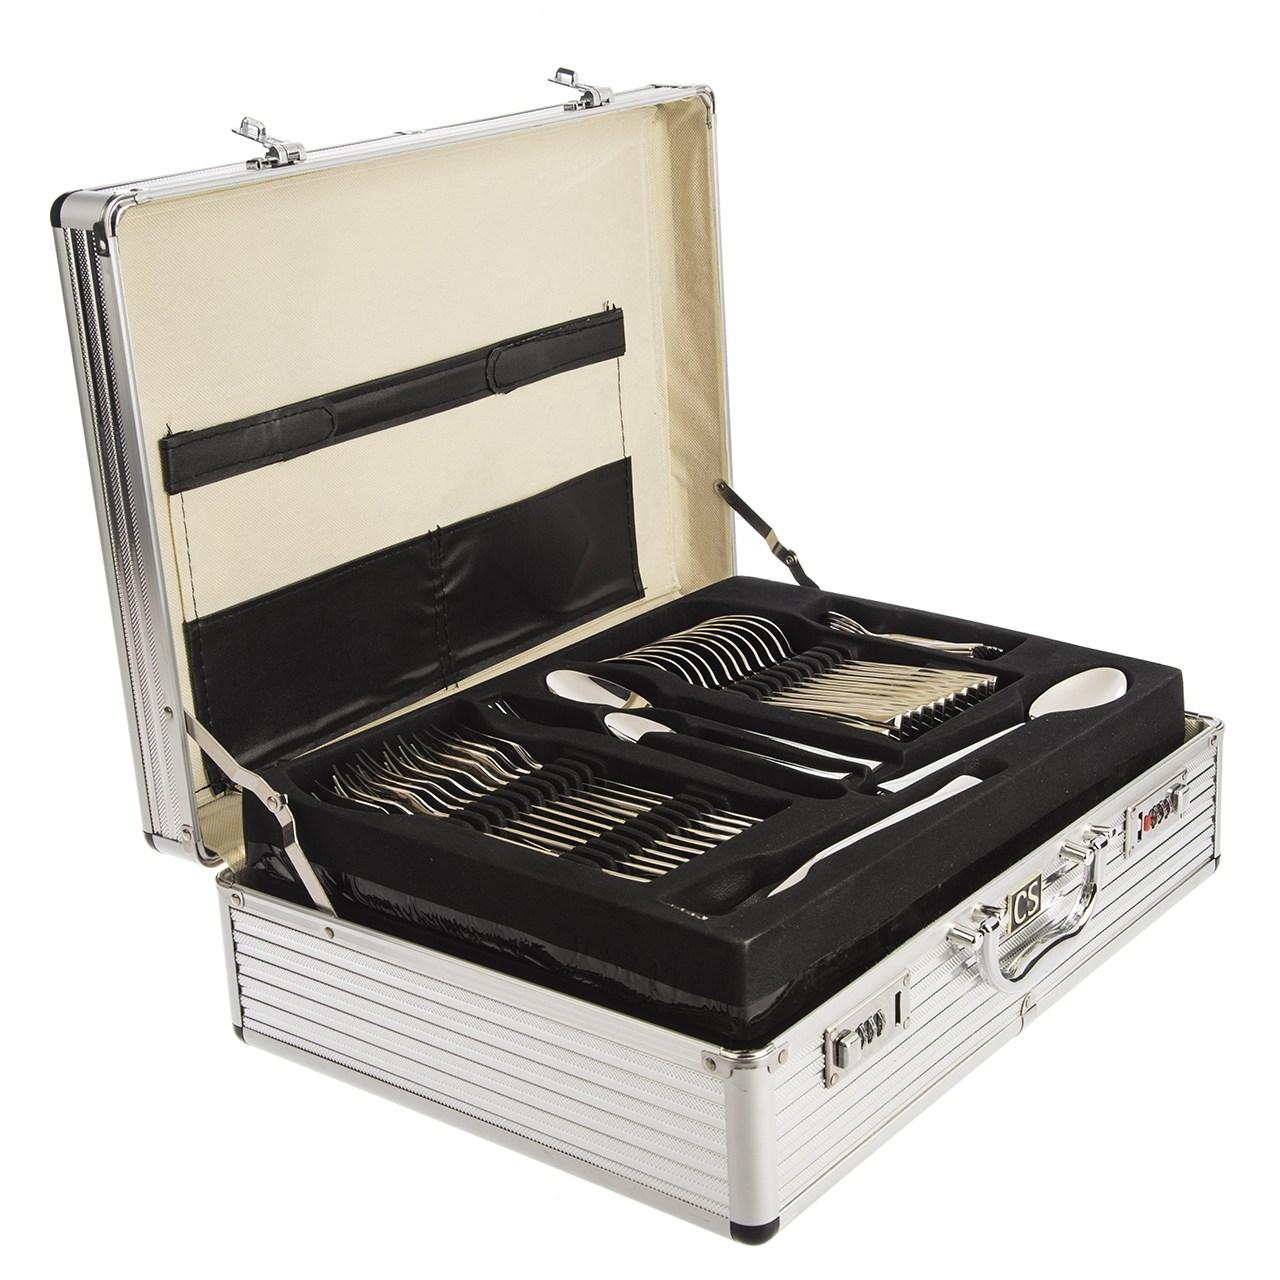 سرویس 139 پارچه قاشق و چنگال کارل اشمیت مدل C Sapor طرح جعبه آلومینیومی